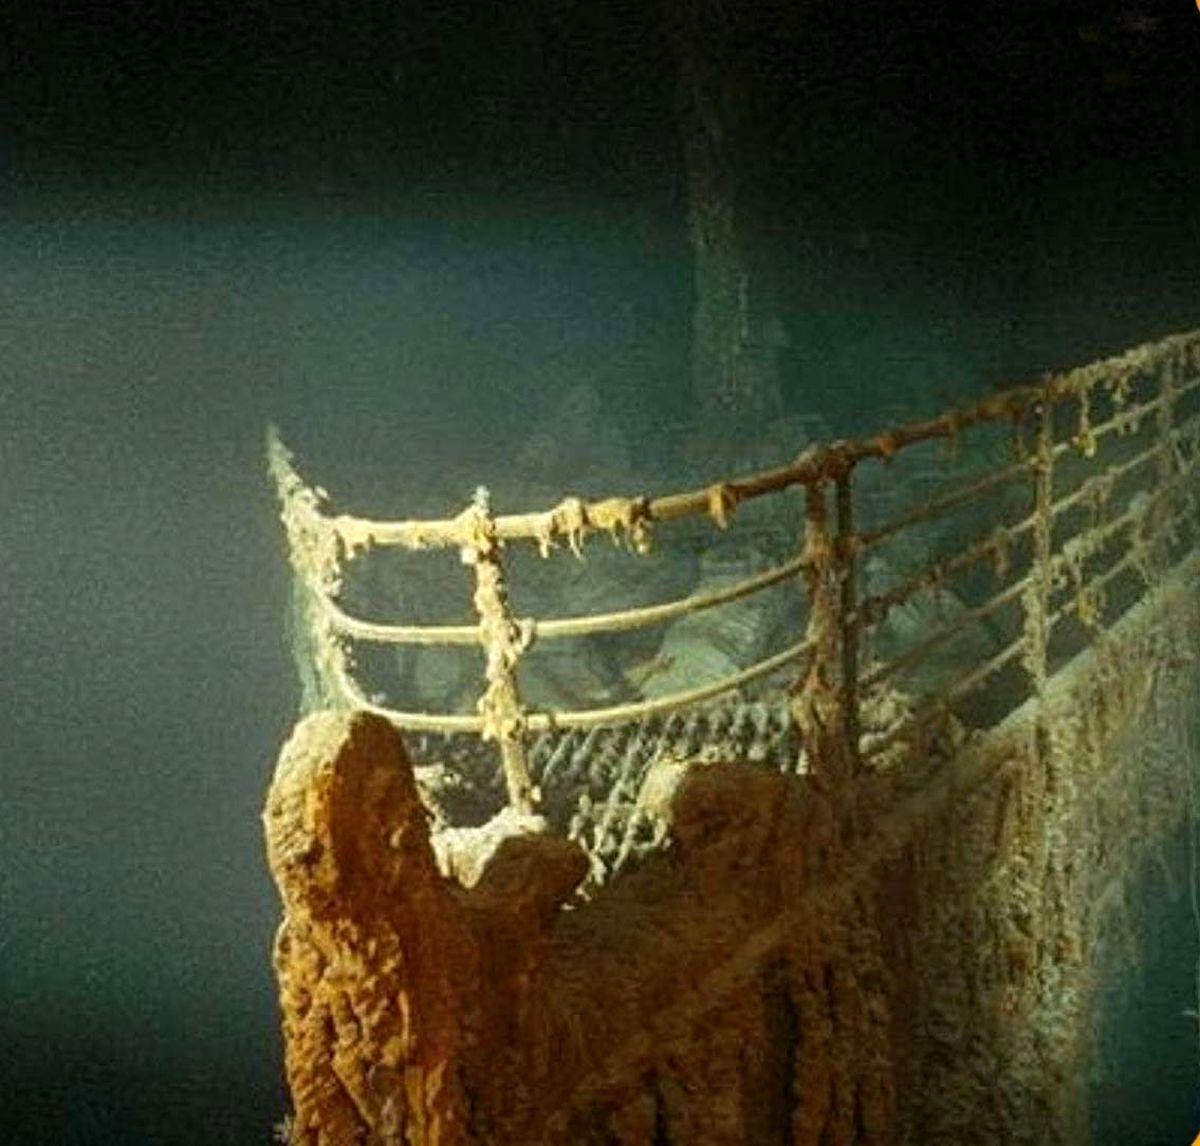 اولین عکس از دماغه کشتی تایتانیک در روزی که پیدا شد